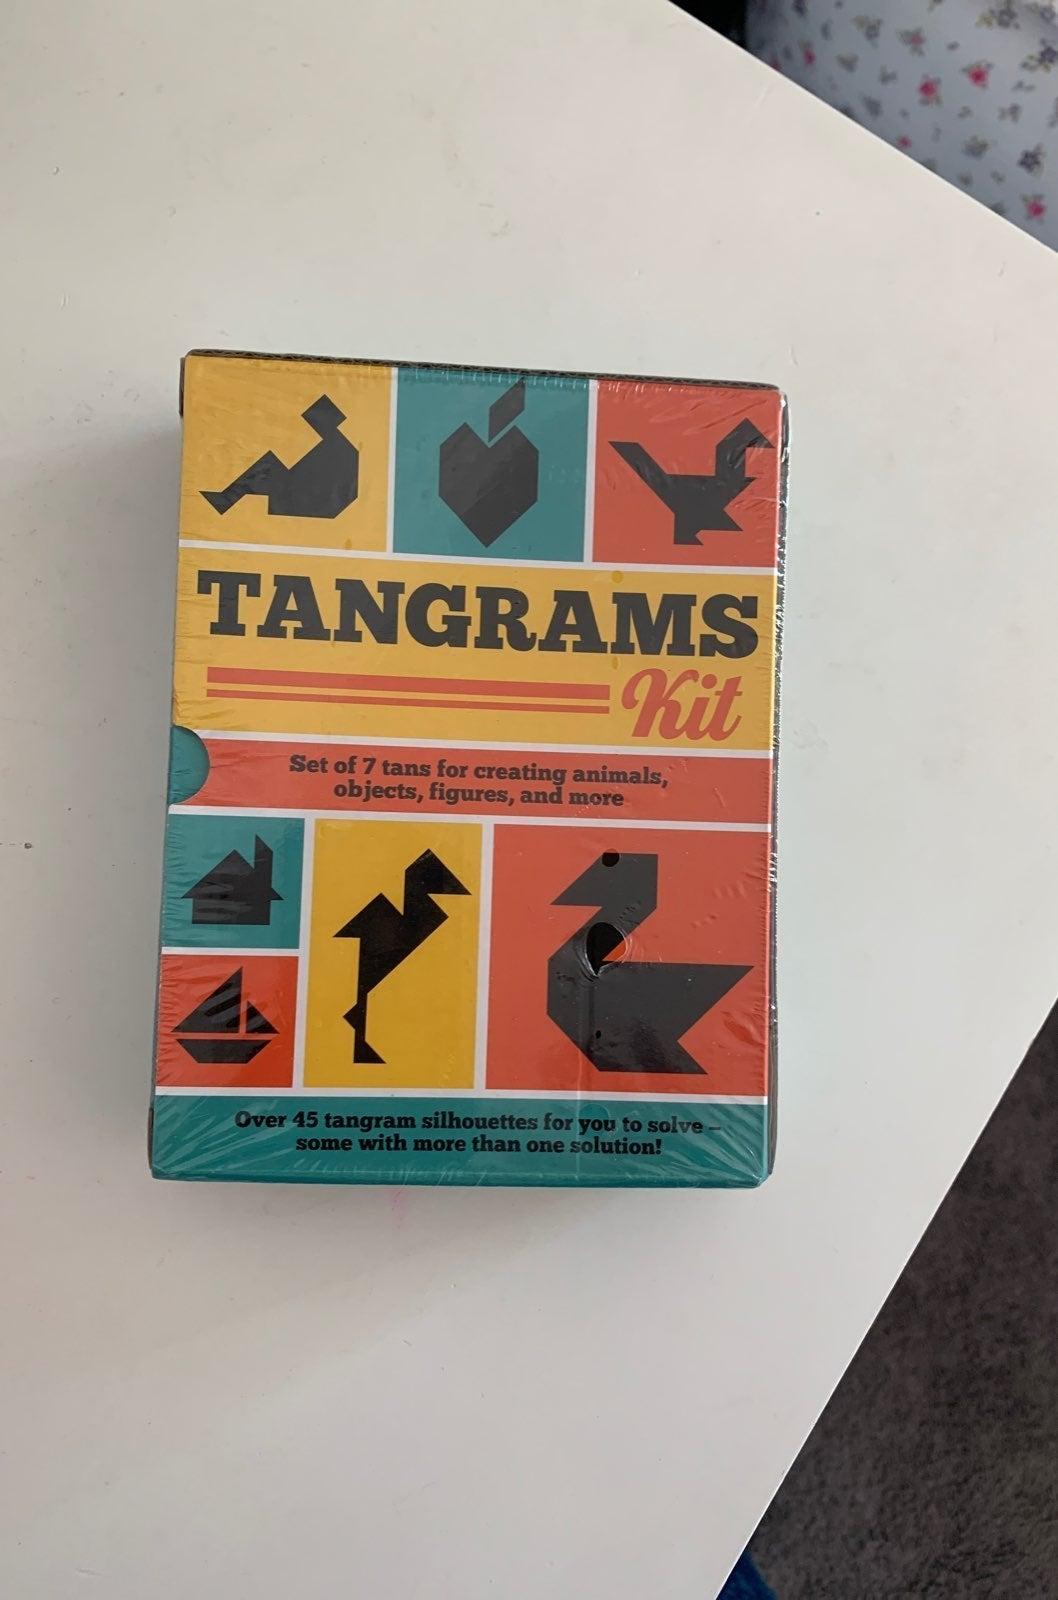 Tangrams kit